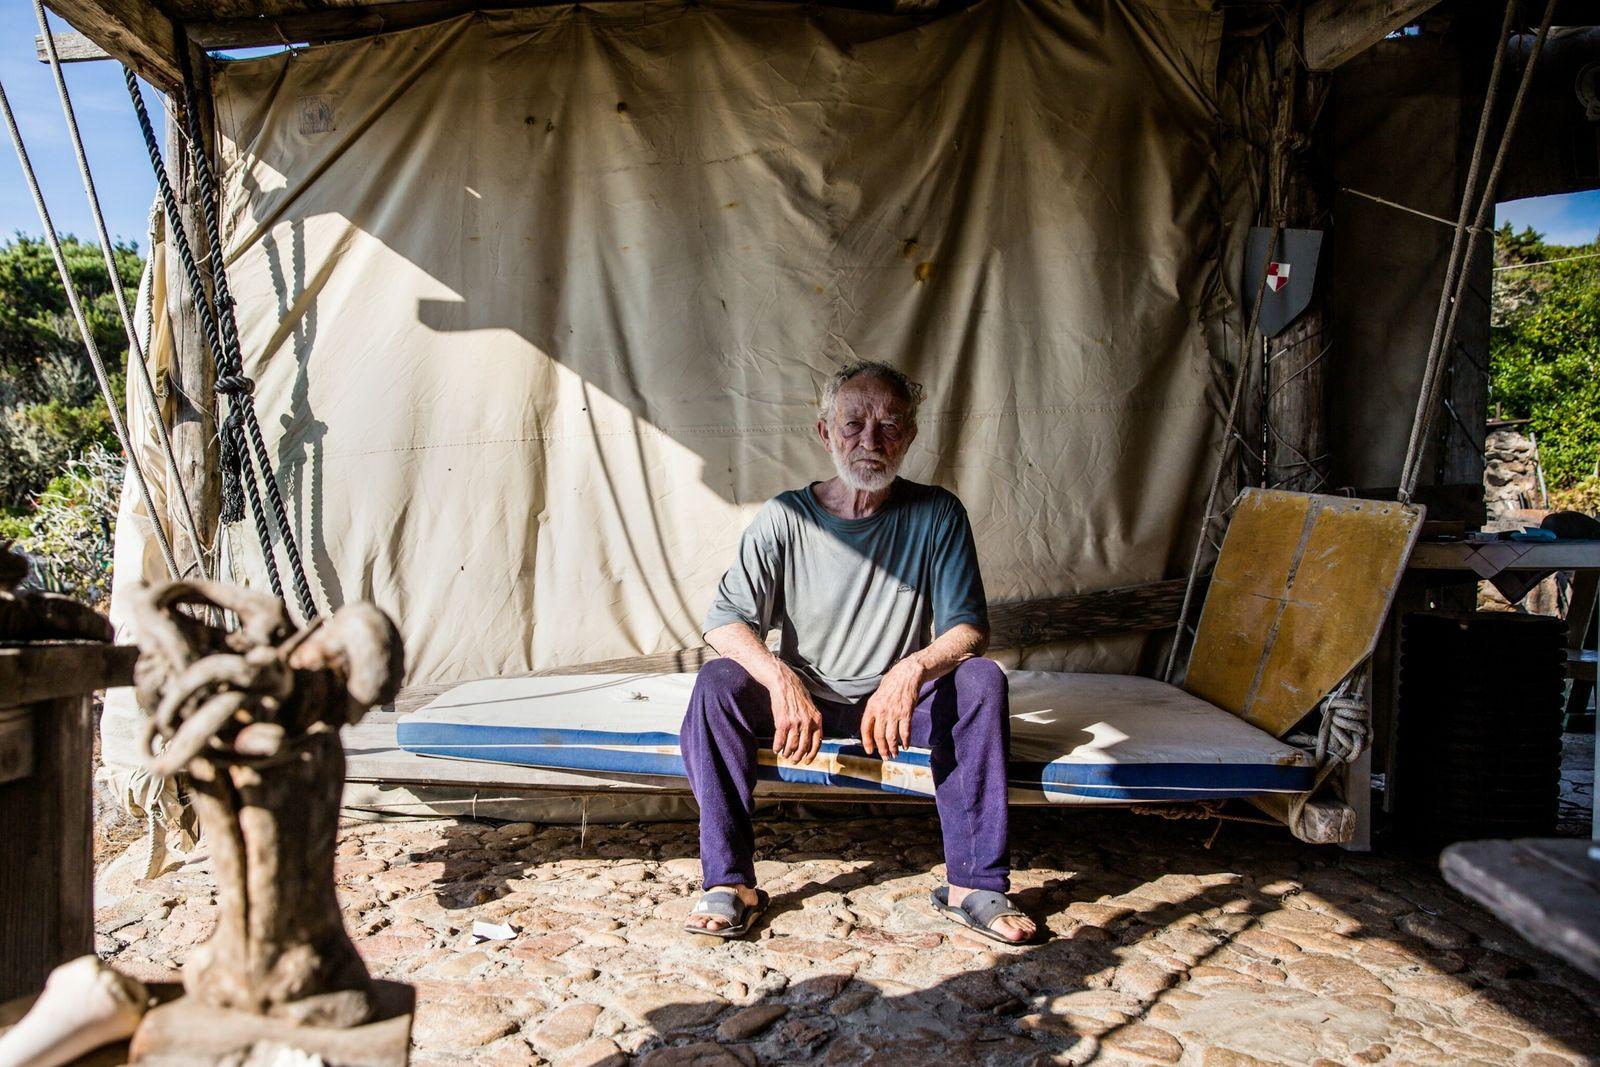 A luz do sol preenche a área externa do abrigo de Morandi, onde ele gosta de ...